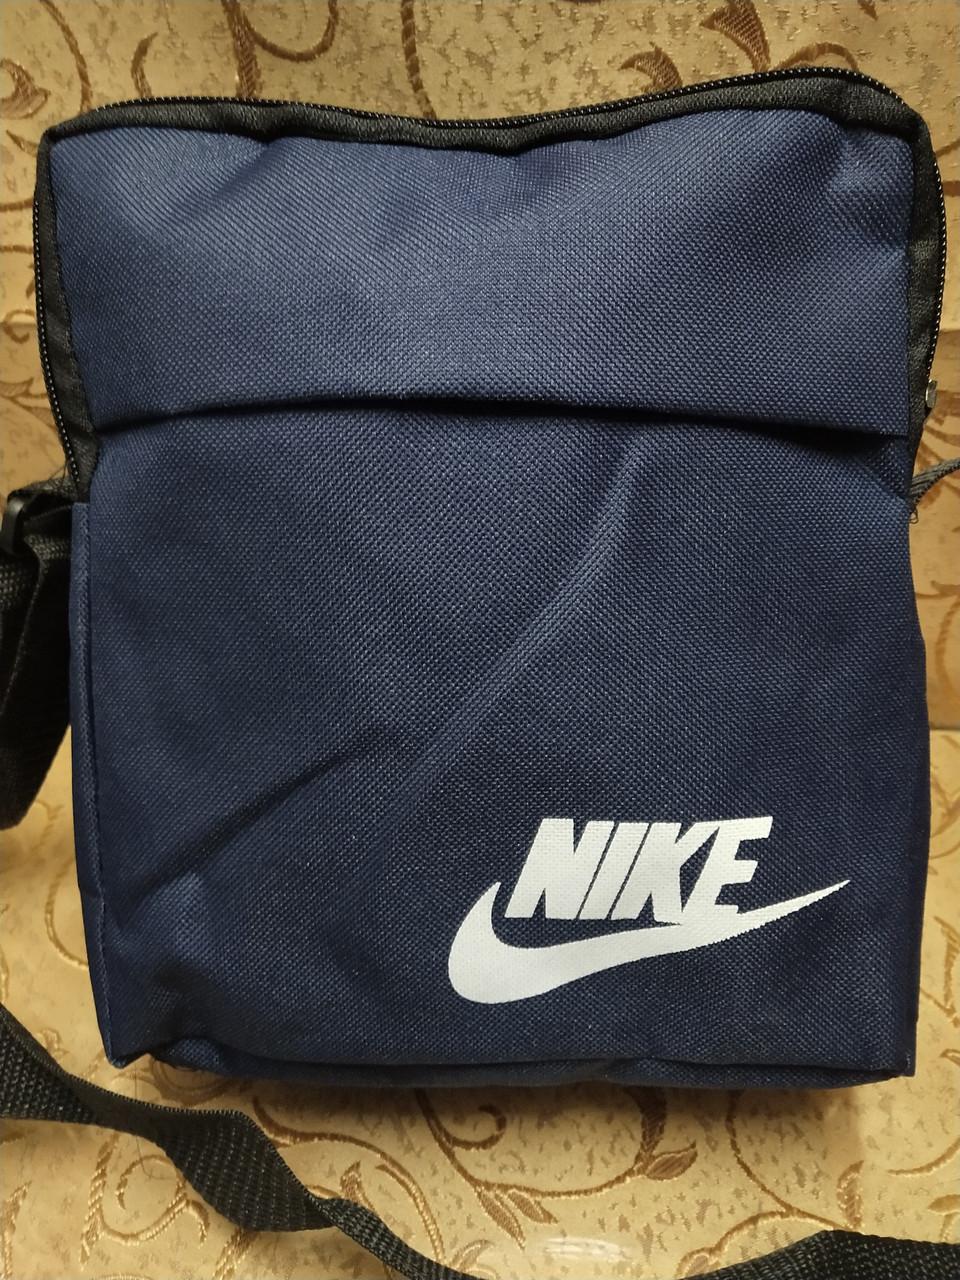 Спортивные барсетка nike Оксфорд ткань(только ОПТ)Сумка для через плечо